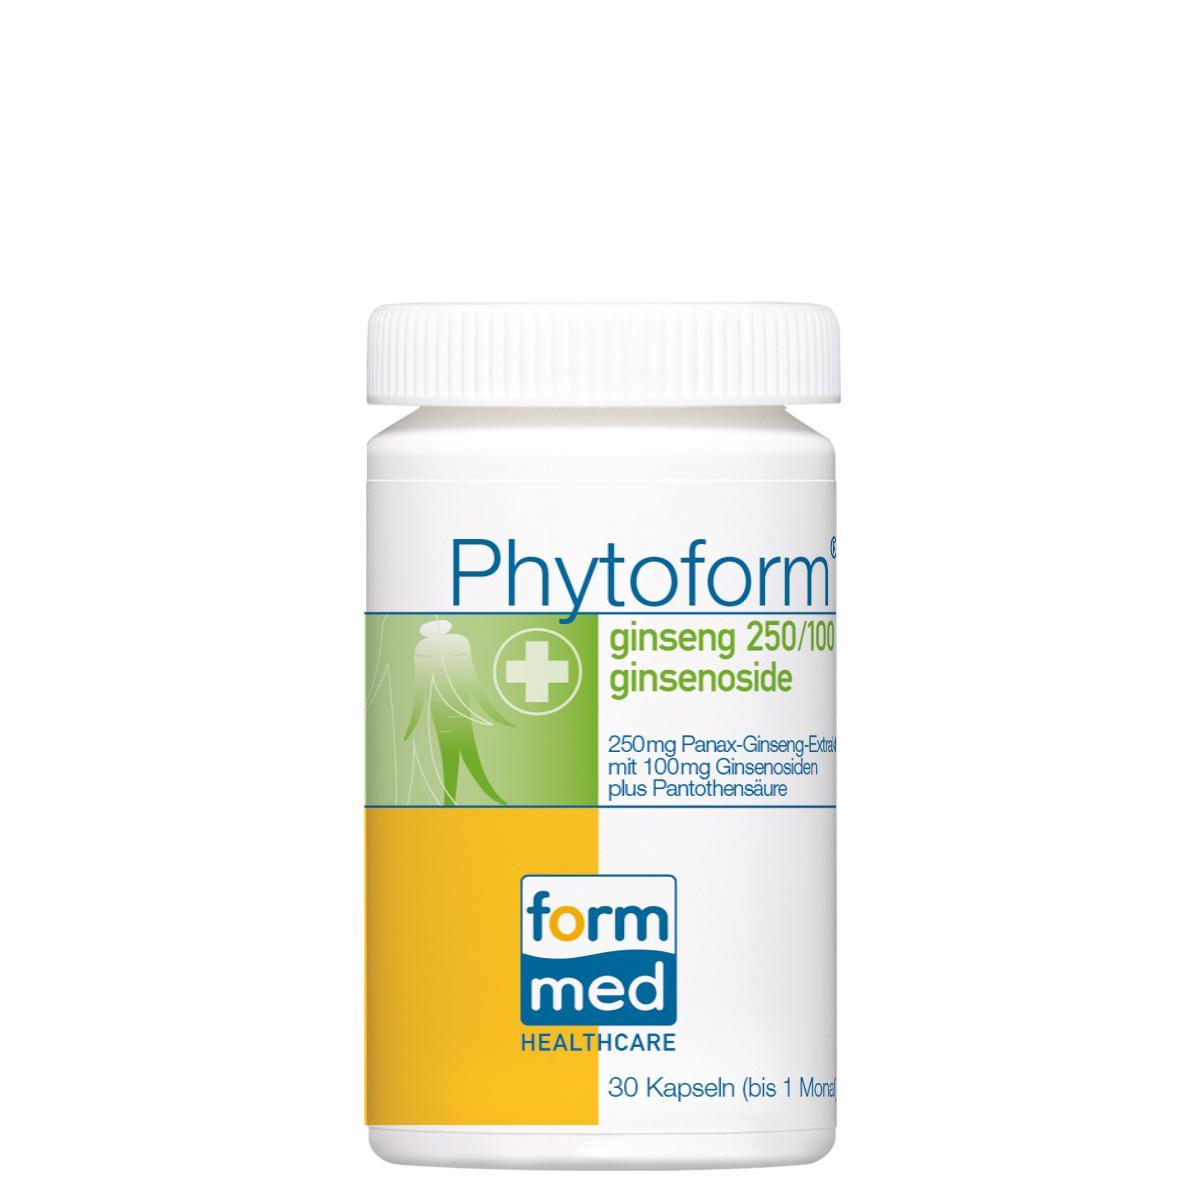 Phytoform® ginseng 250/100 ginsenoside